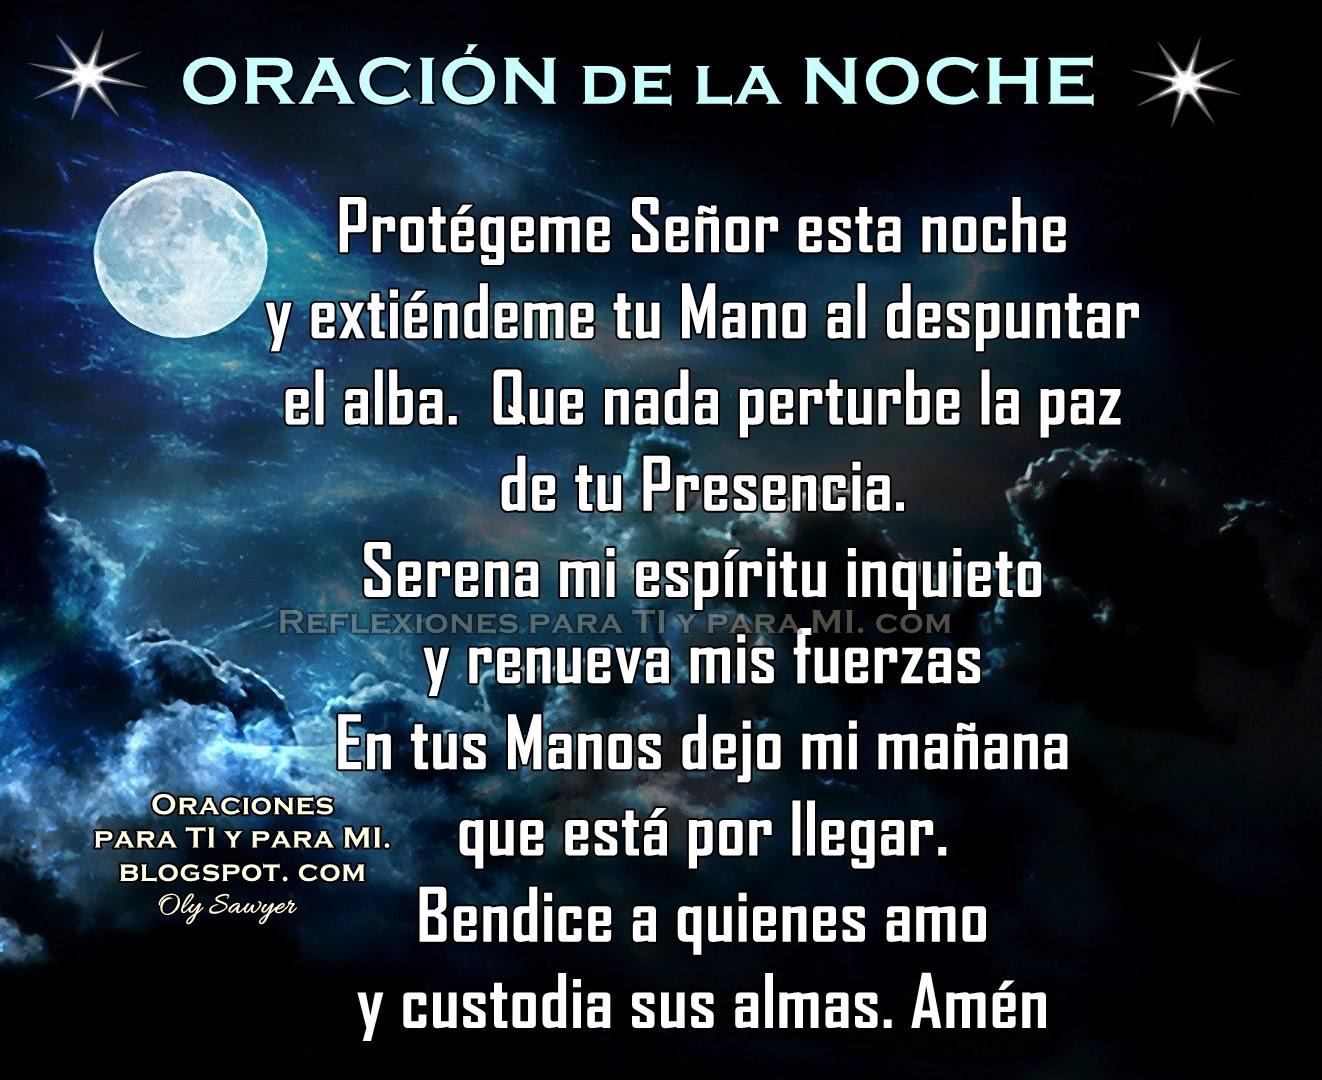 Oraciones para ti y para m prot geme se or esta noche for Que luna hay esta noche